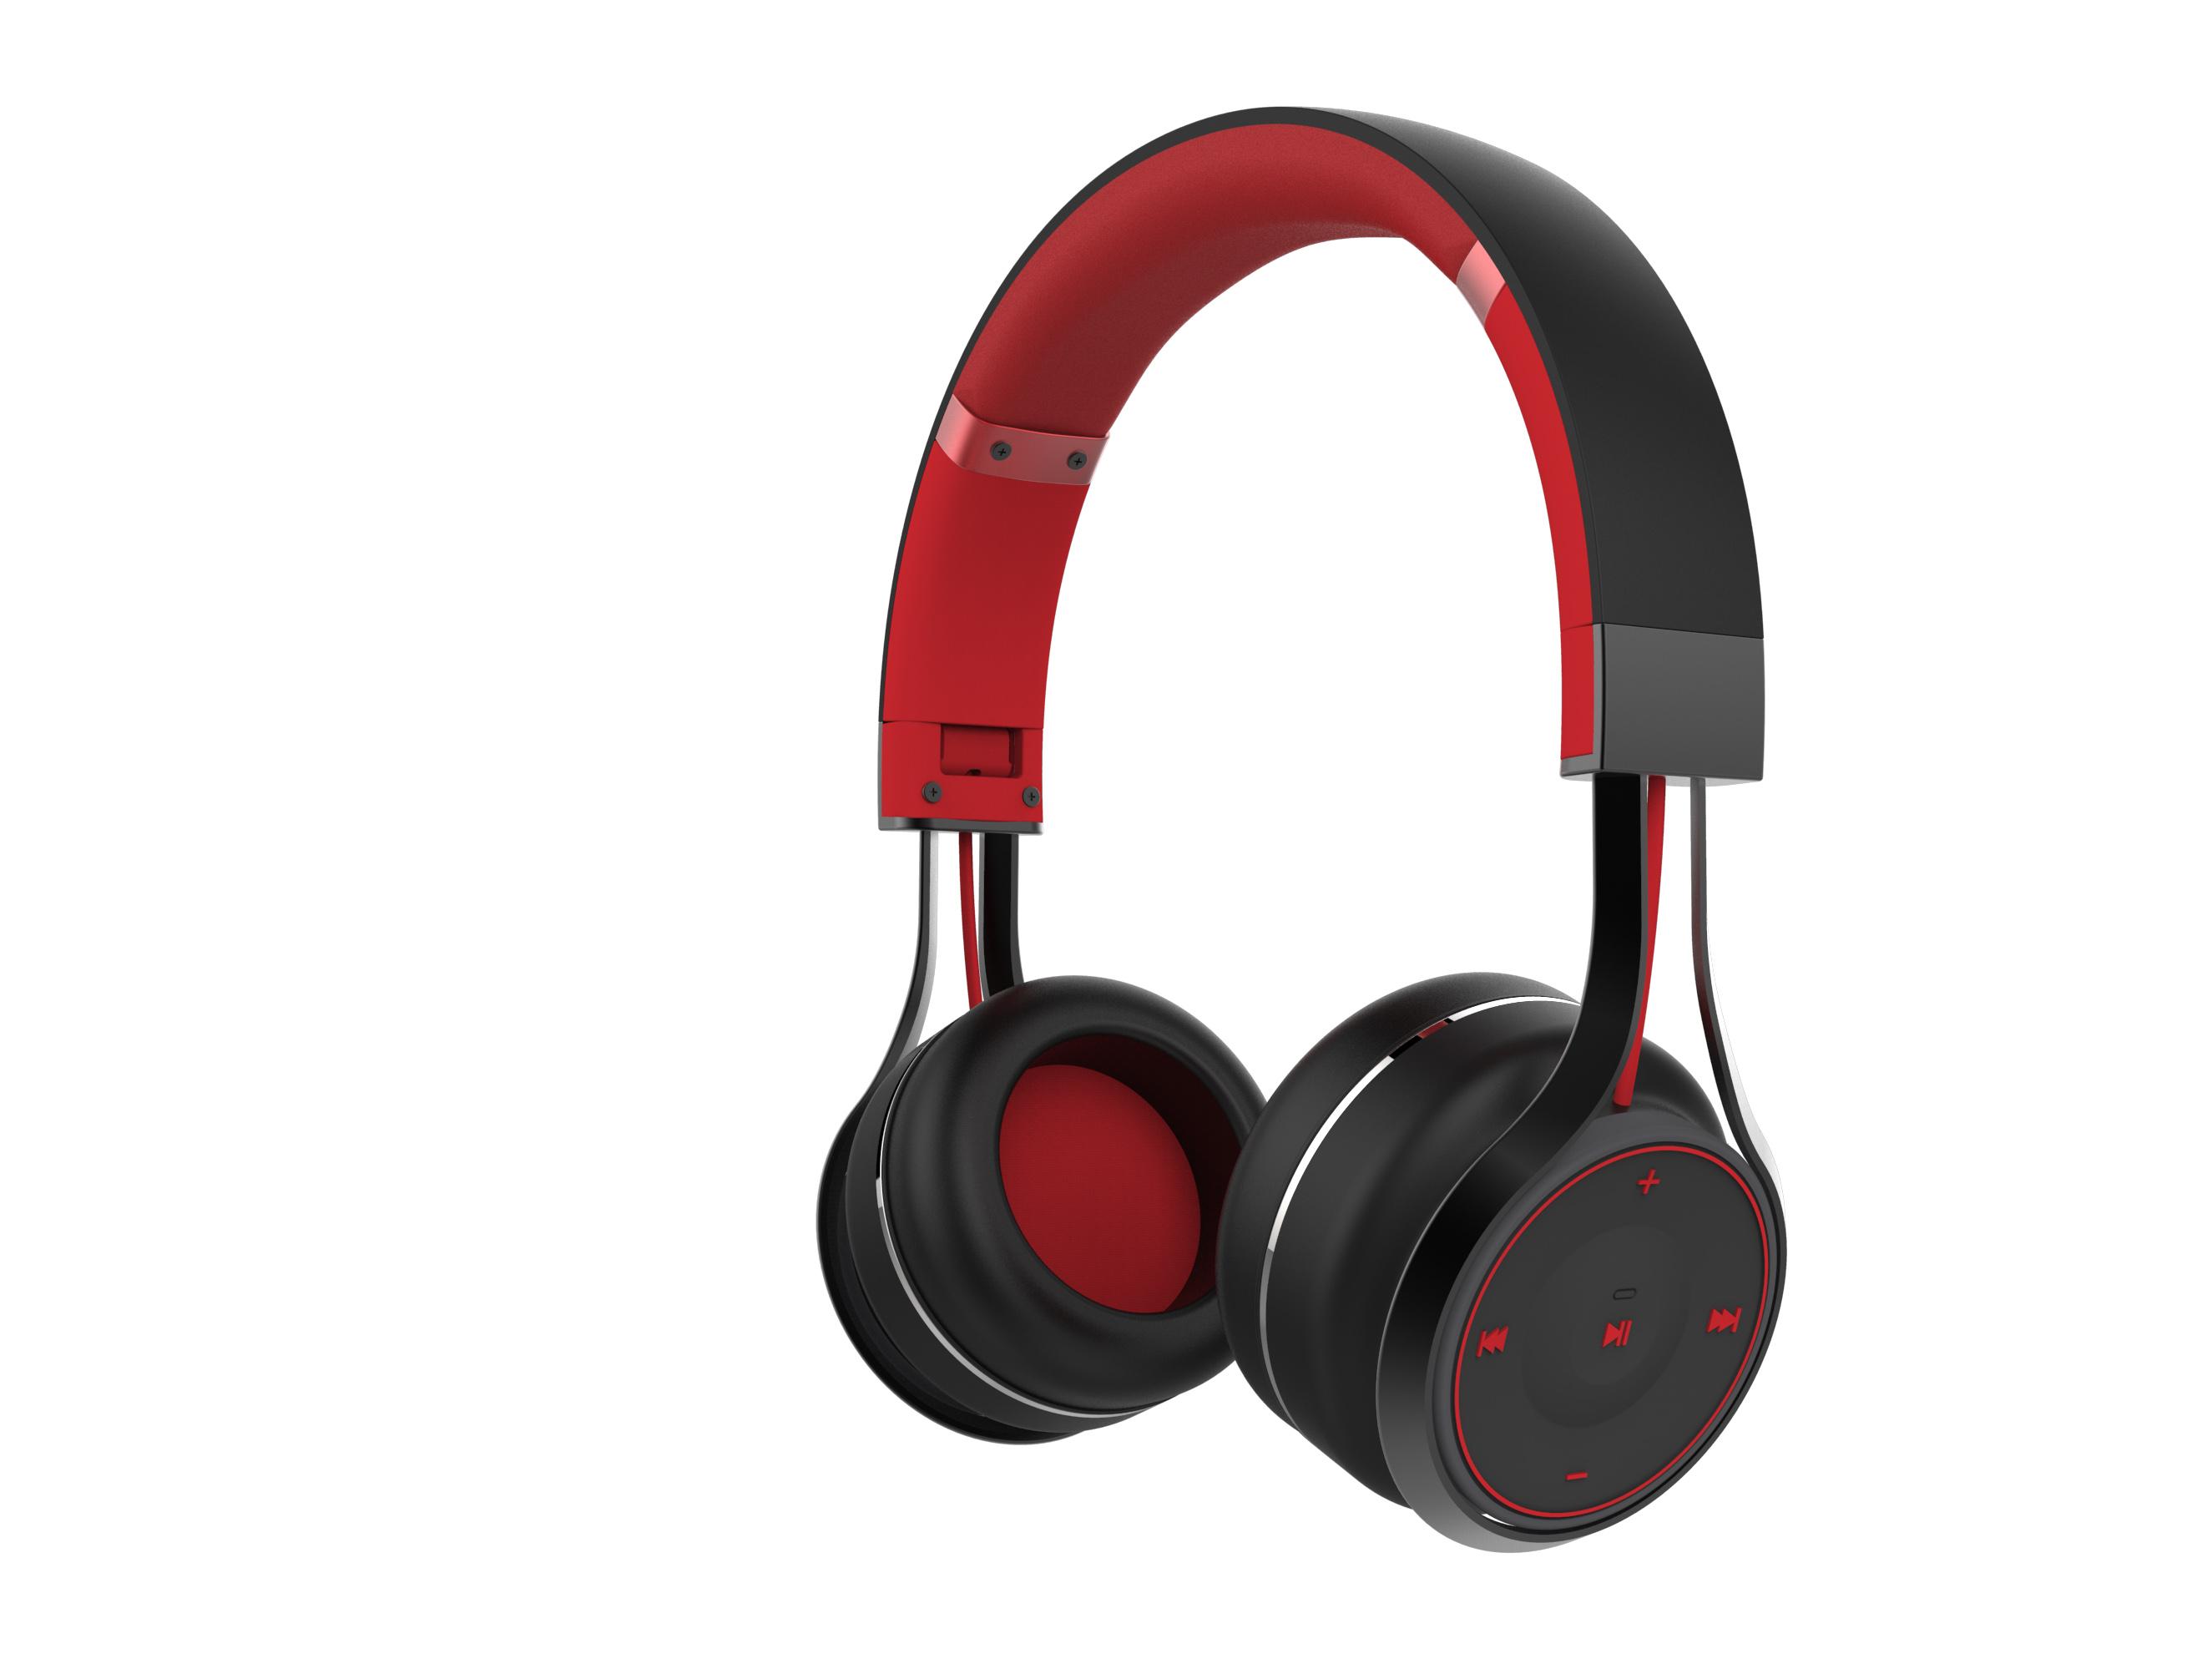 f6-mini red+black-2